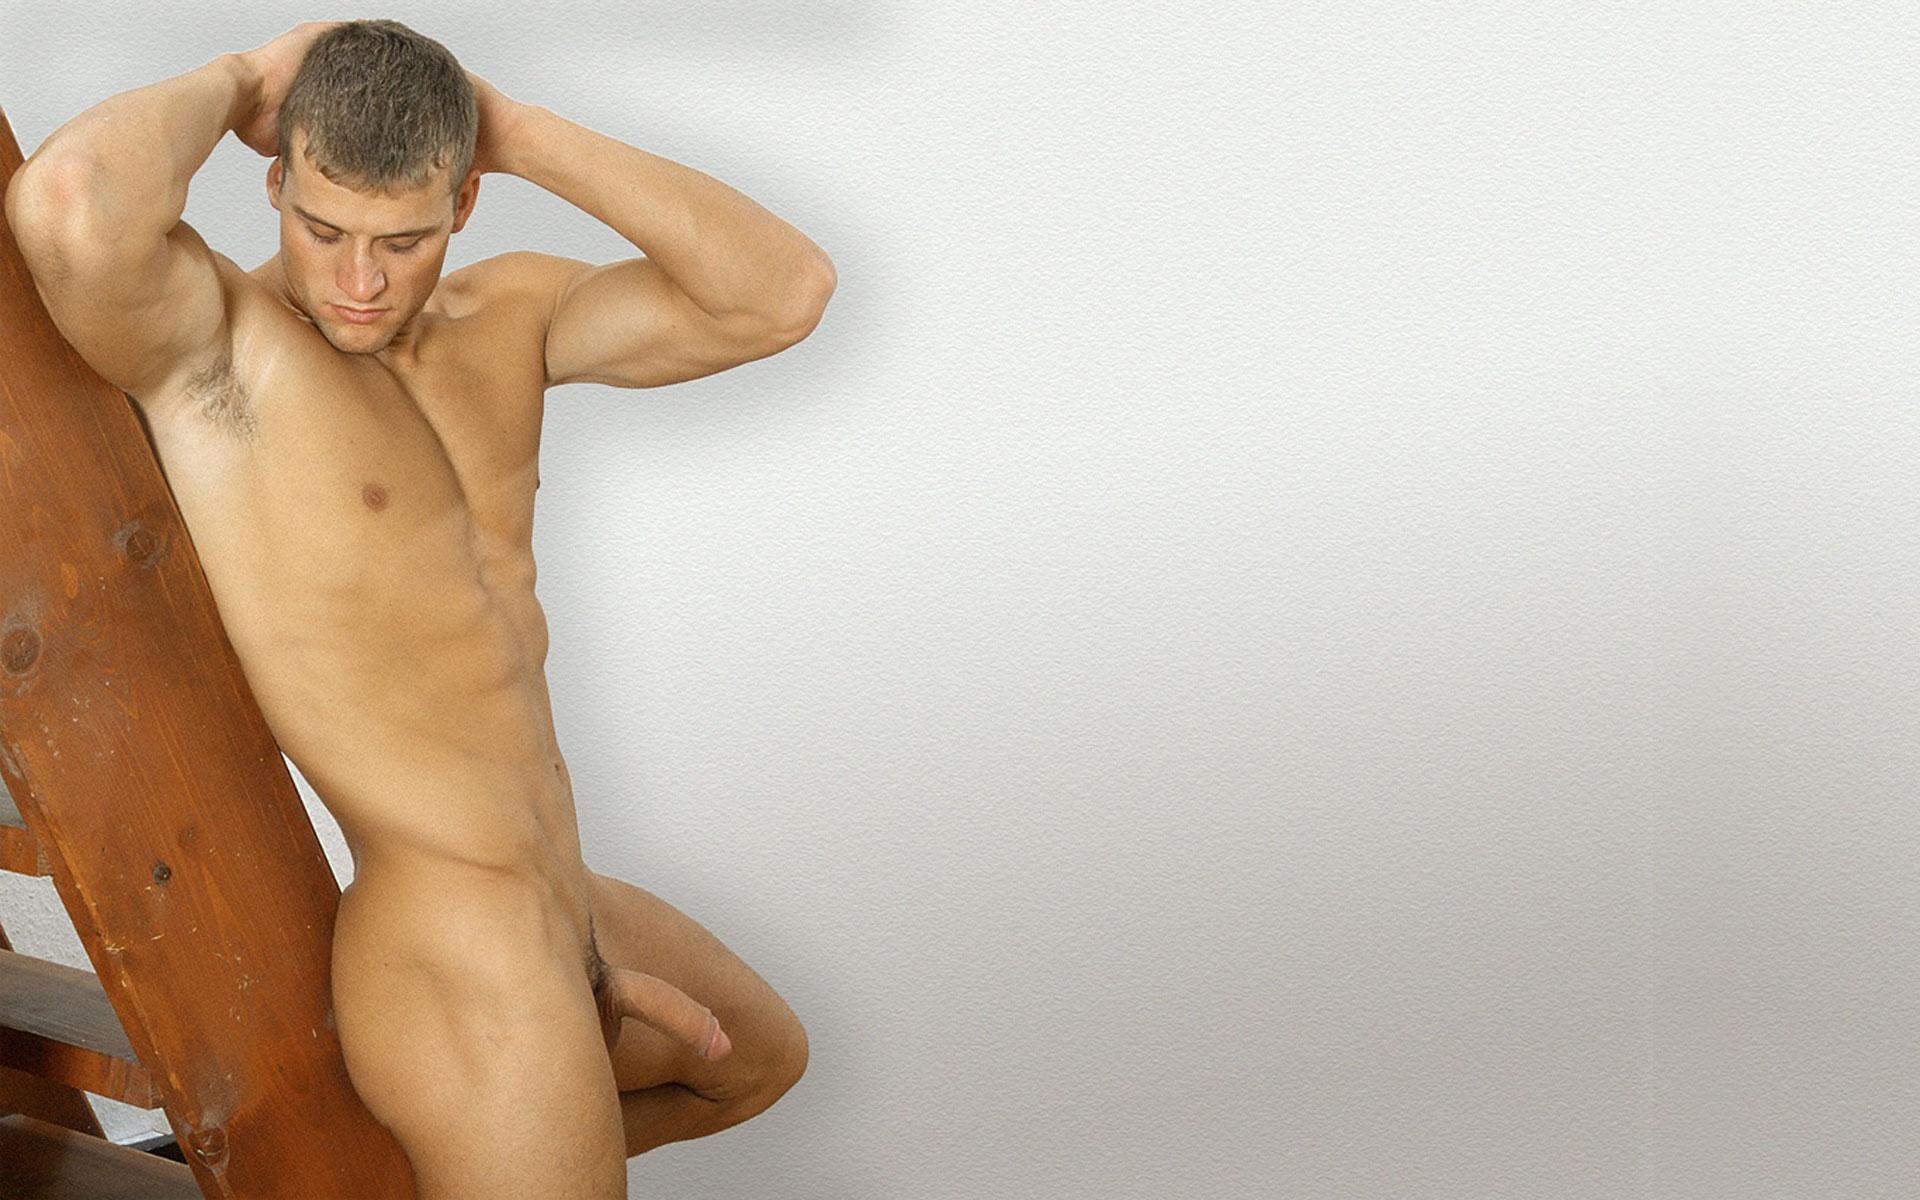 Yurizan beltran double penetration